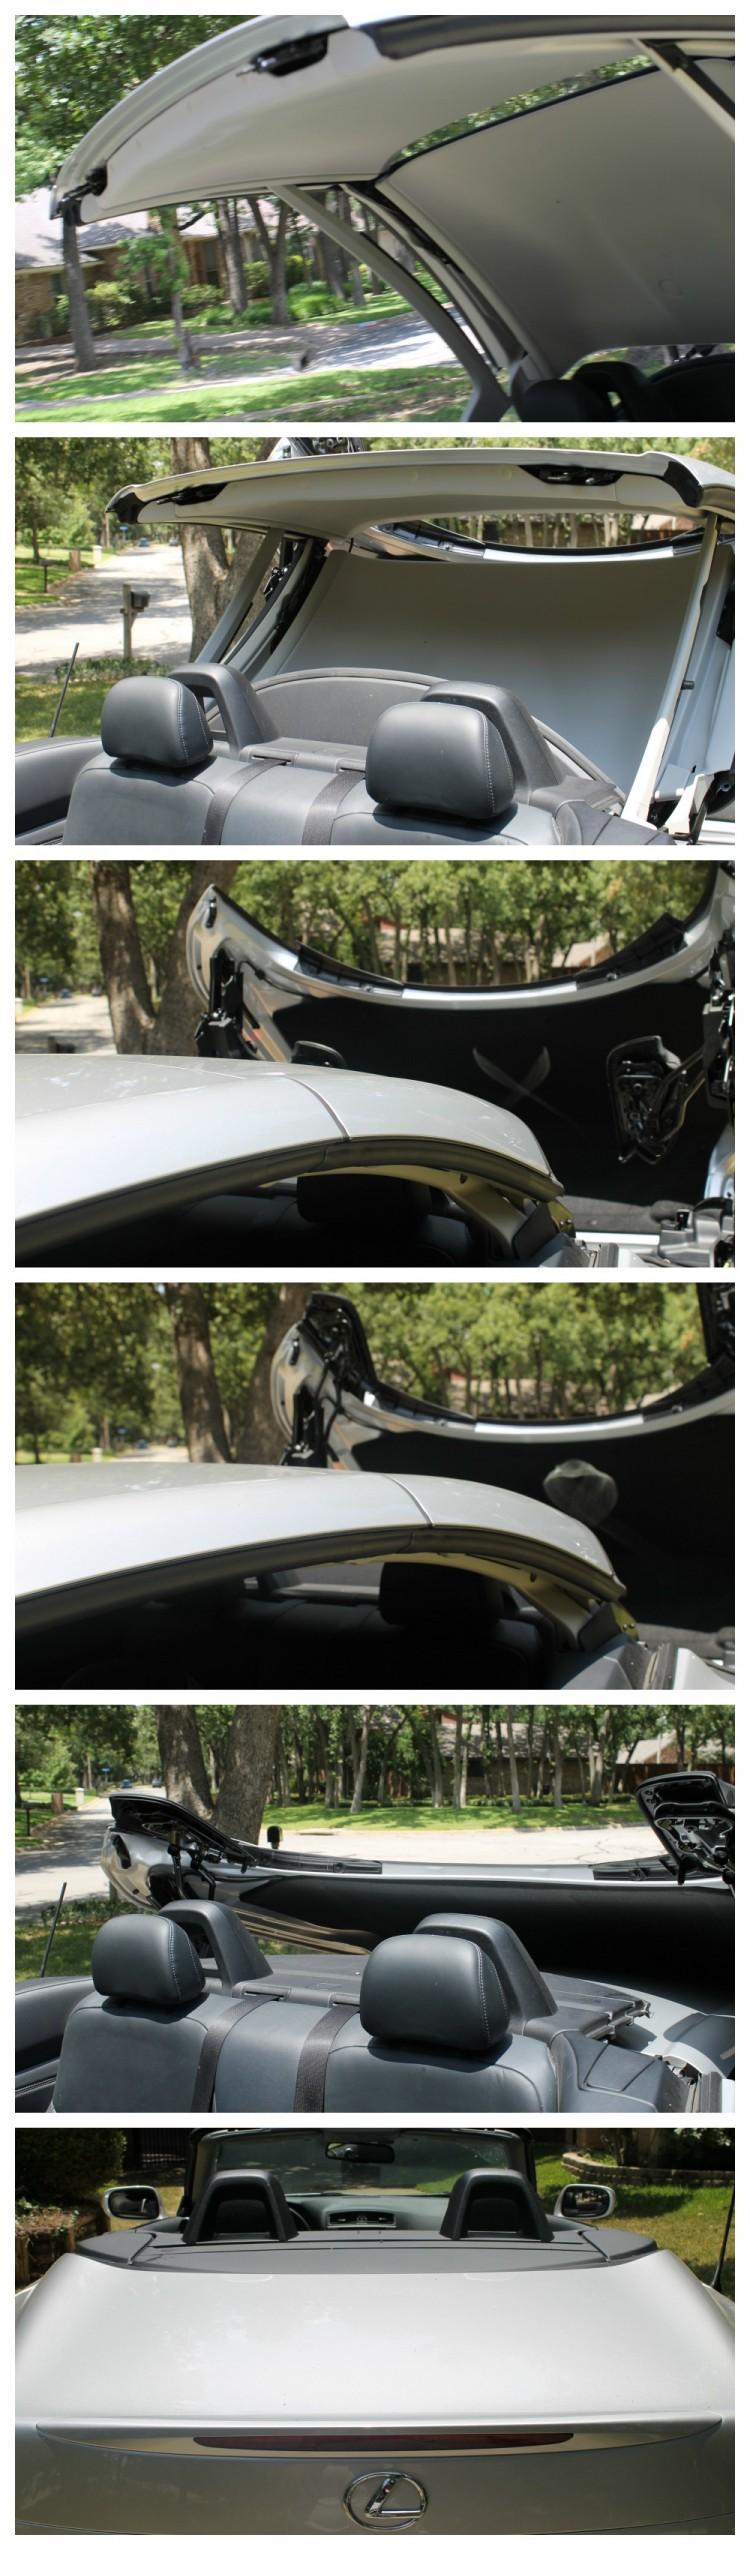 LexusTop